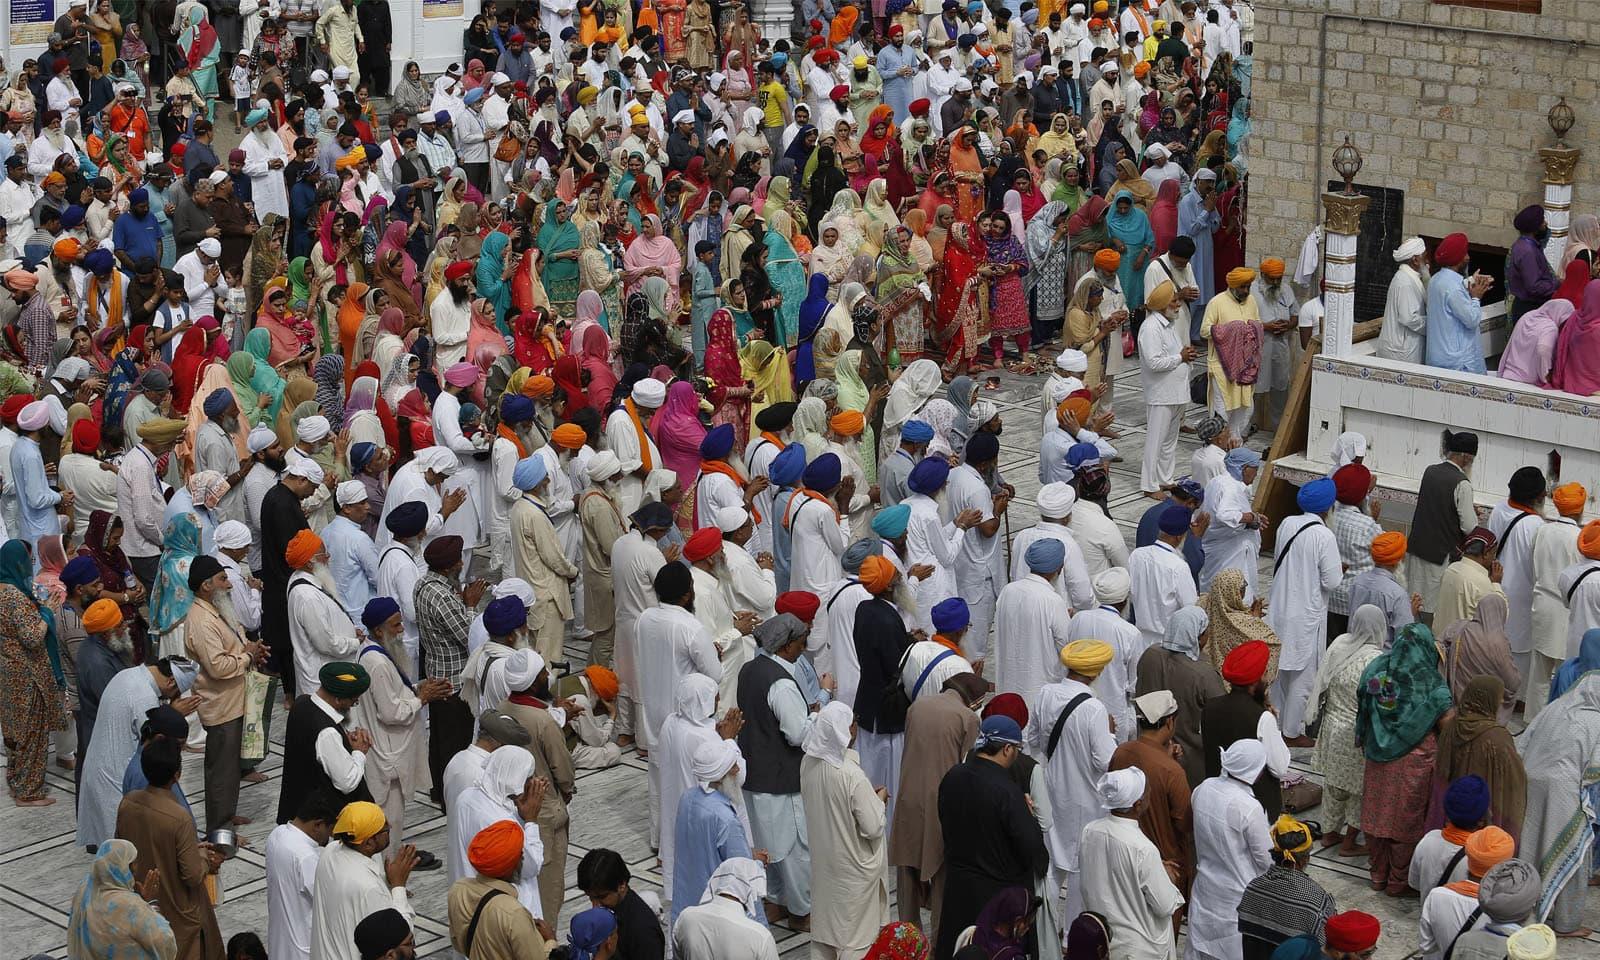 بیساکھی کا تہوار سکھوں کے لیے مذہبی اعتبار سے انتہائی اہمیت کا حامل ہے، اس دن ان کے دسویں گرو (گروگوبند سنگھ) نے پانچ پیاروں کا امتحان لے کر سکھ مذہب میں ذات پات کے تصّور کو ختم کیا تھا—فوٹو: اے پی